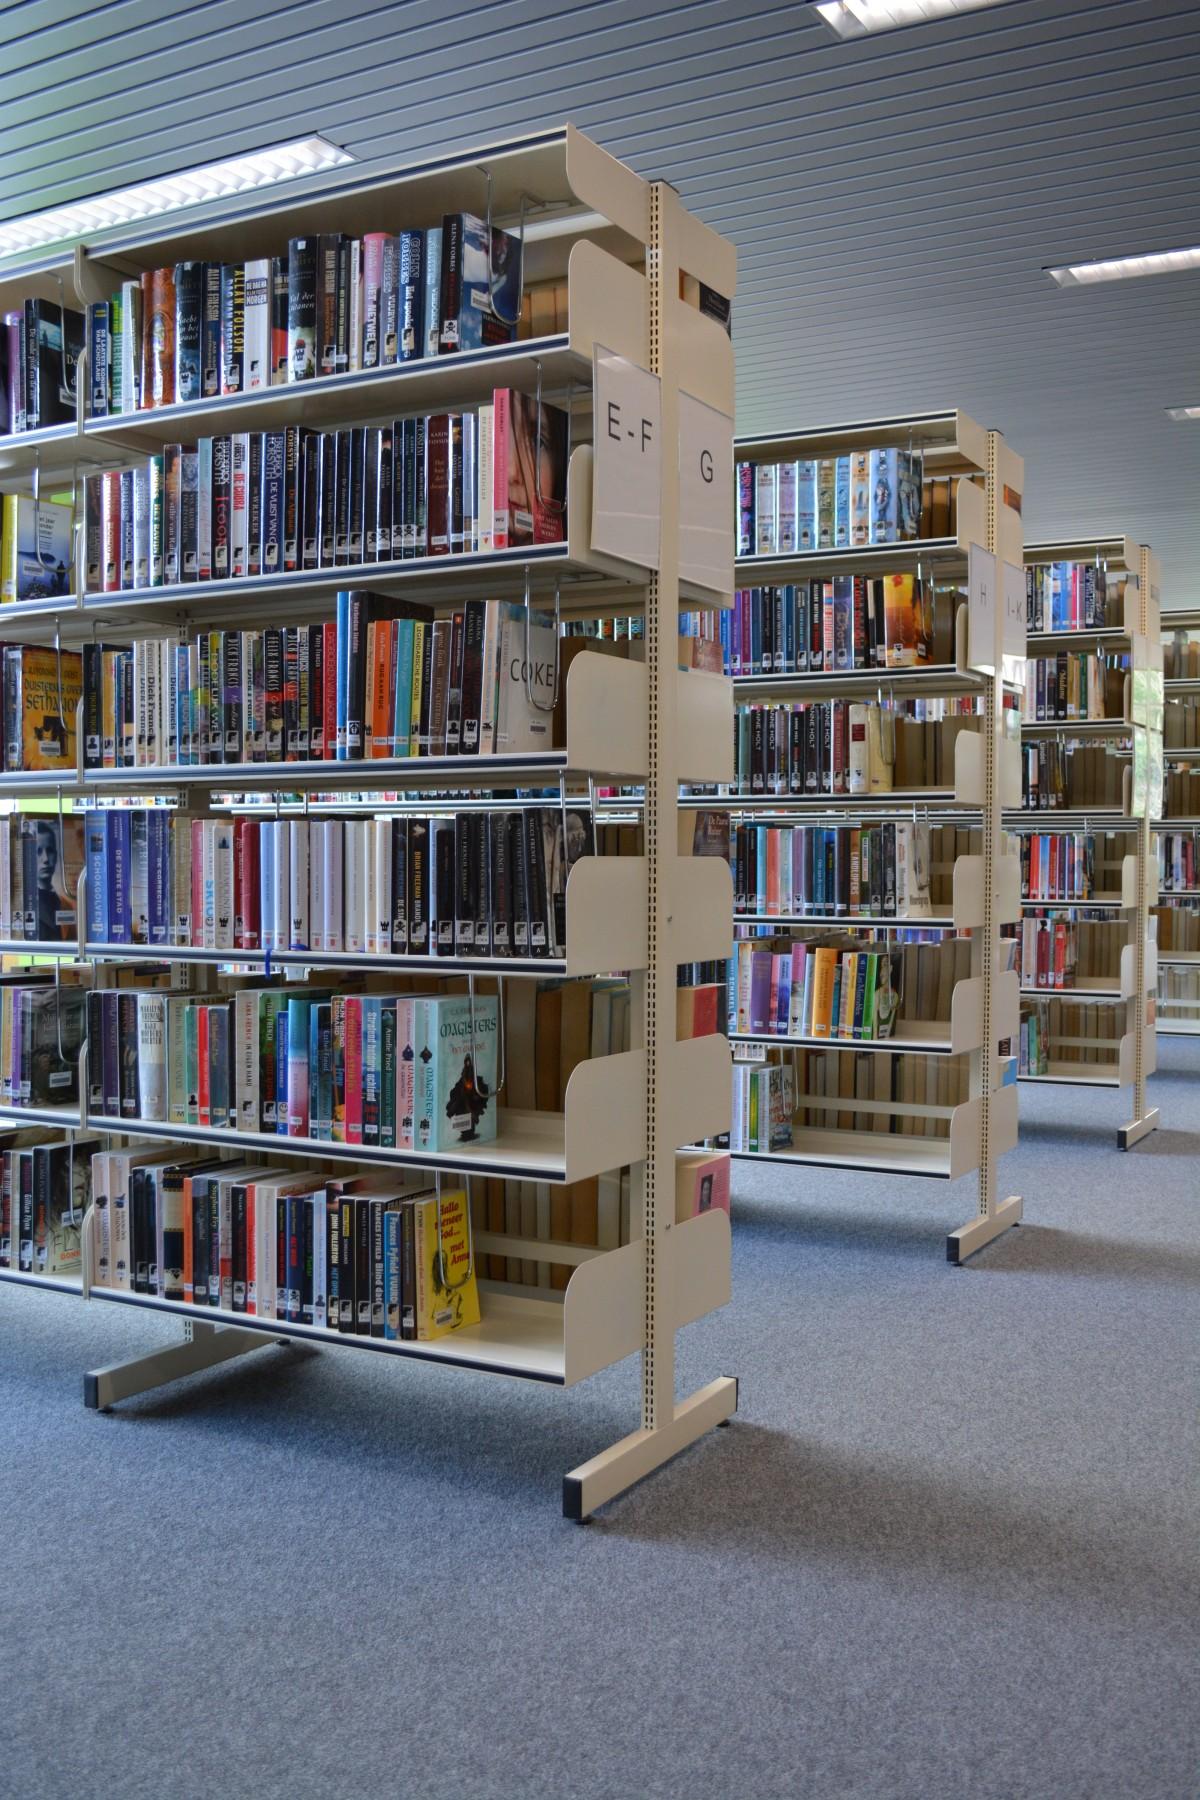 Fotos gratis leer madera mueble habitaci n estante for Estudiar diseno de interiores online gratis